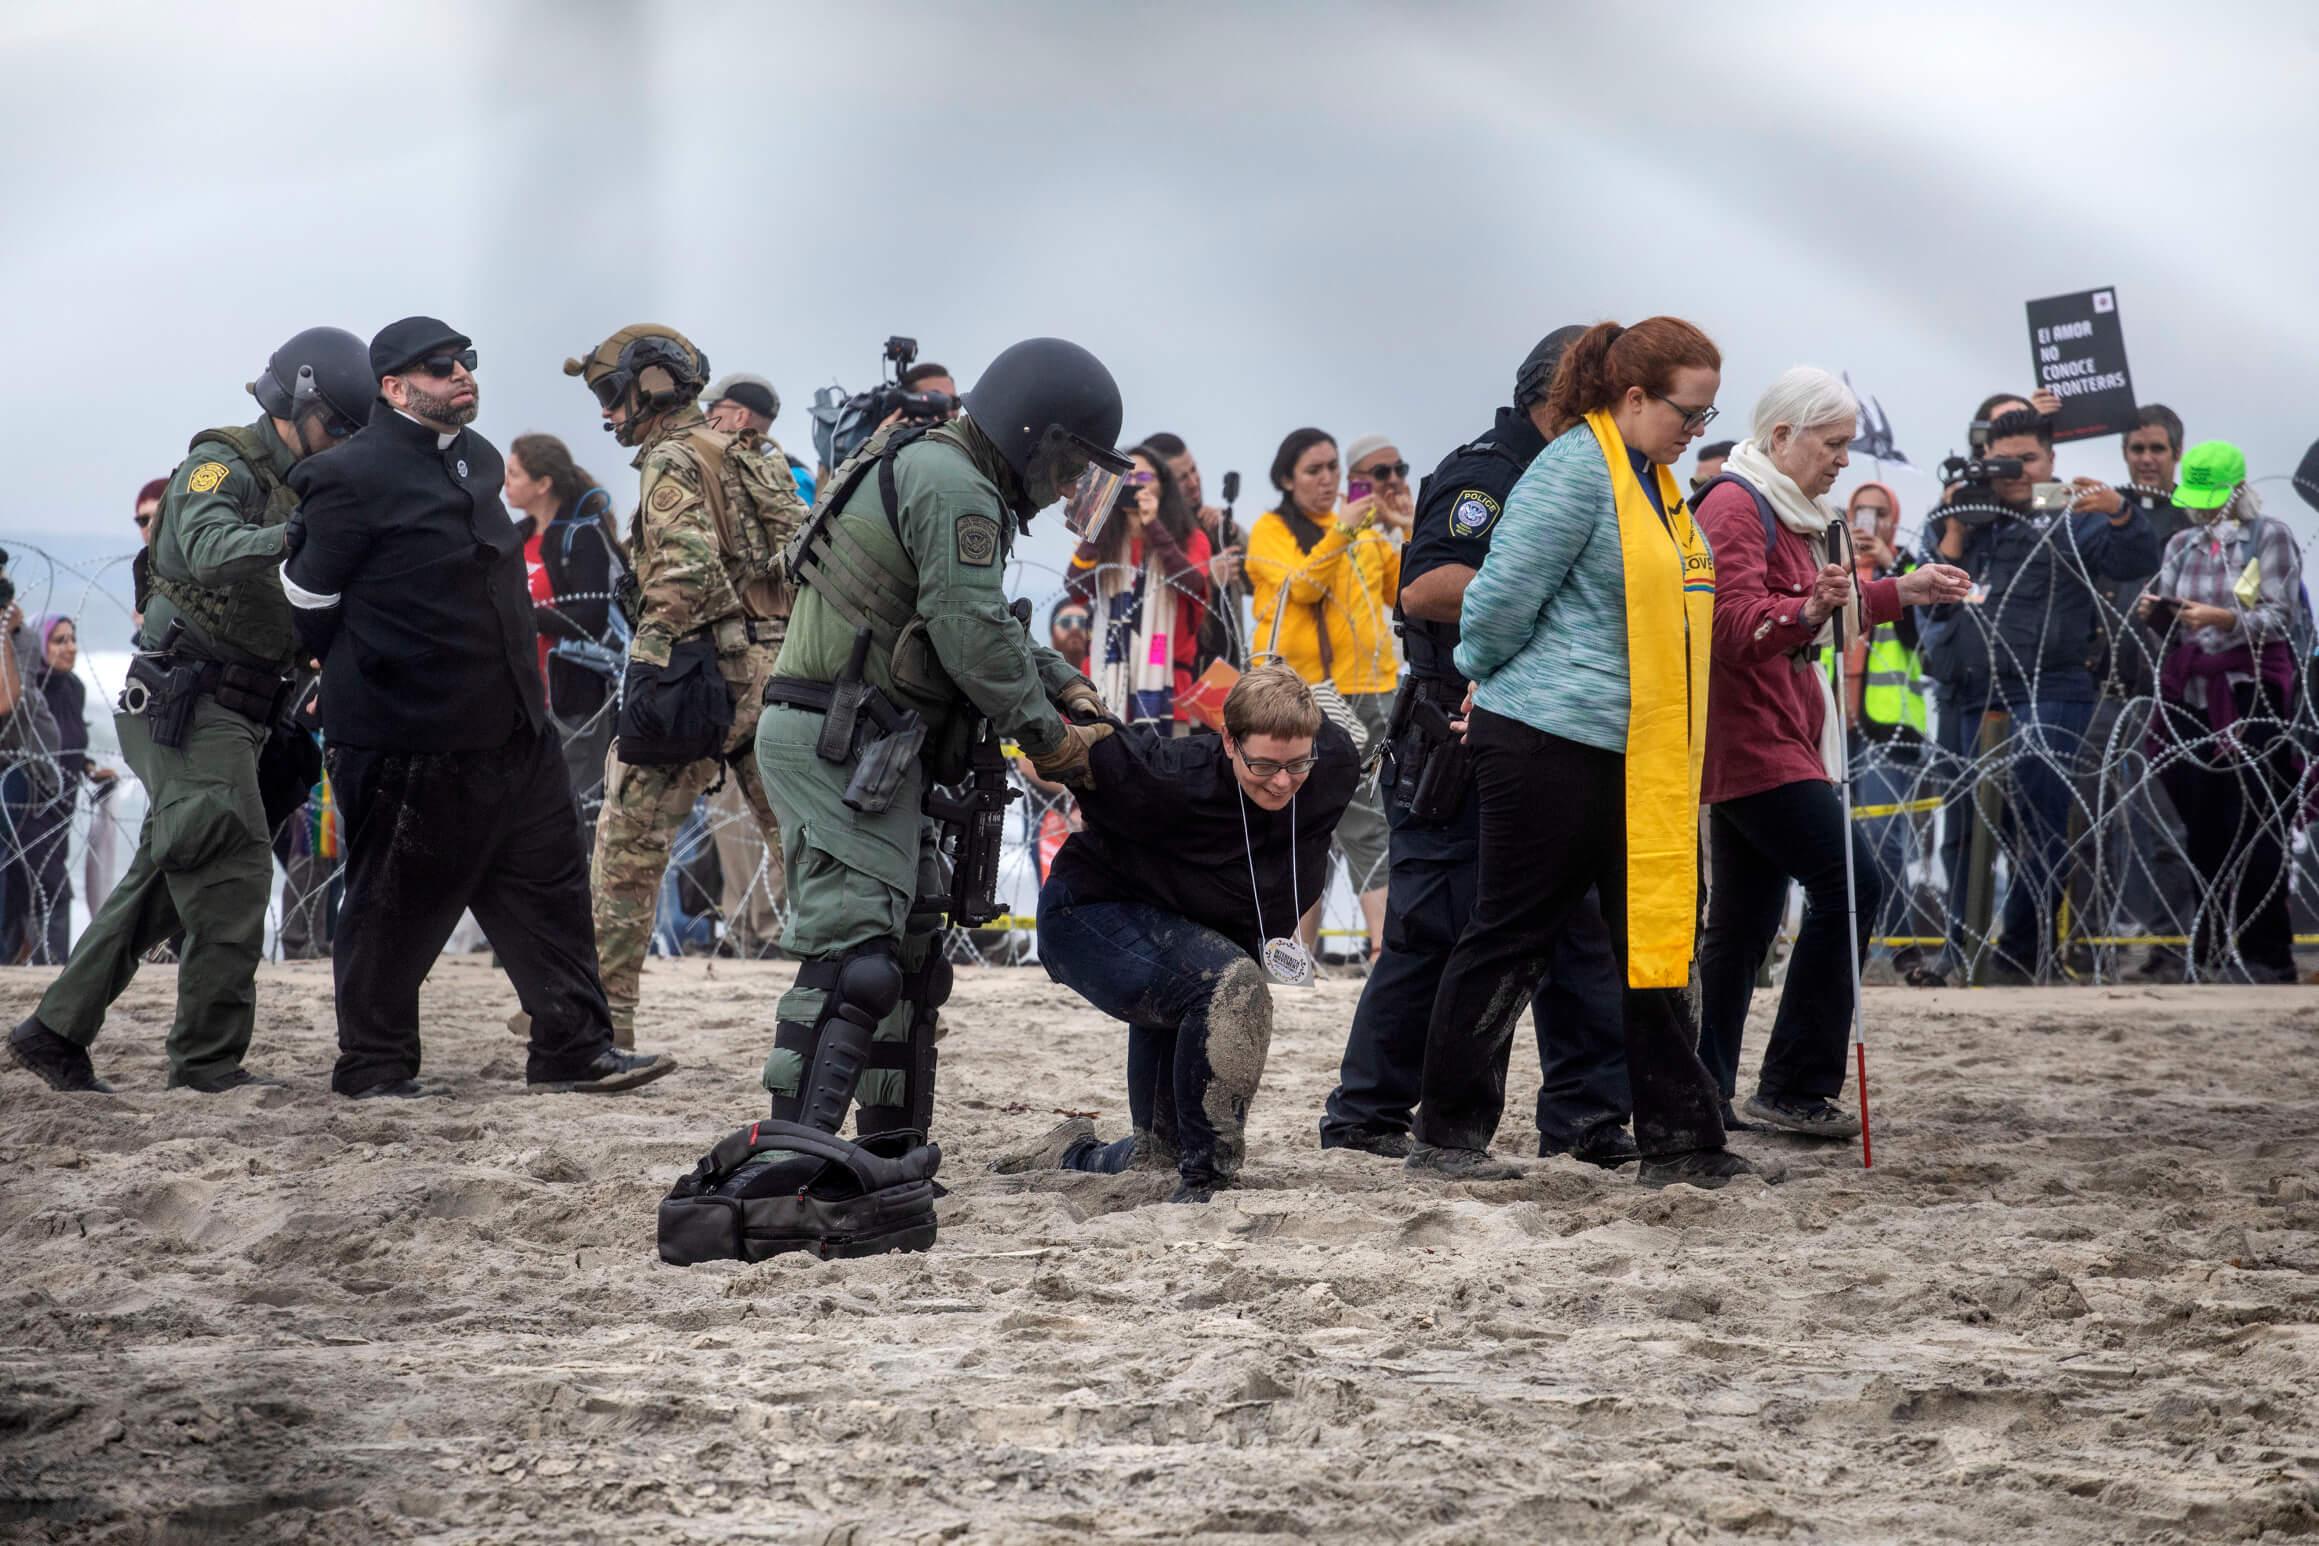 Caravana Migrante; Patrulla Fronteriza detiene activistas